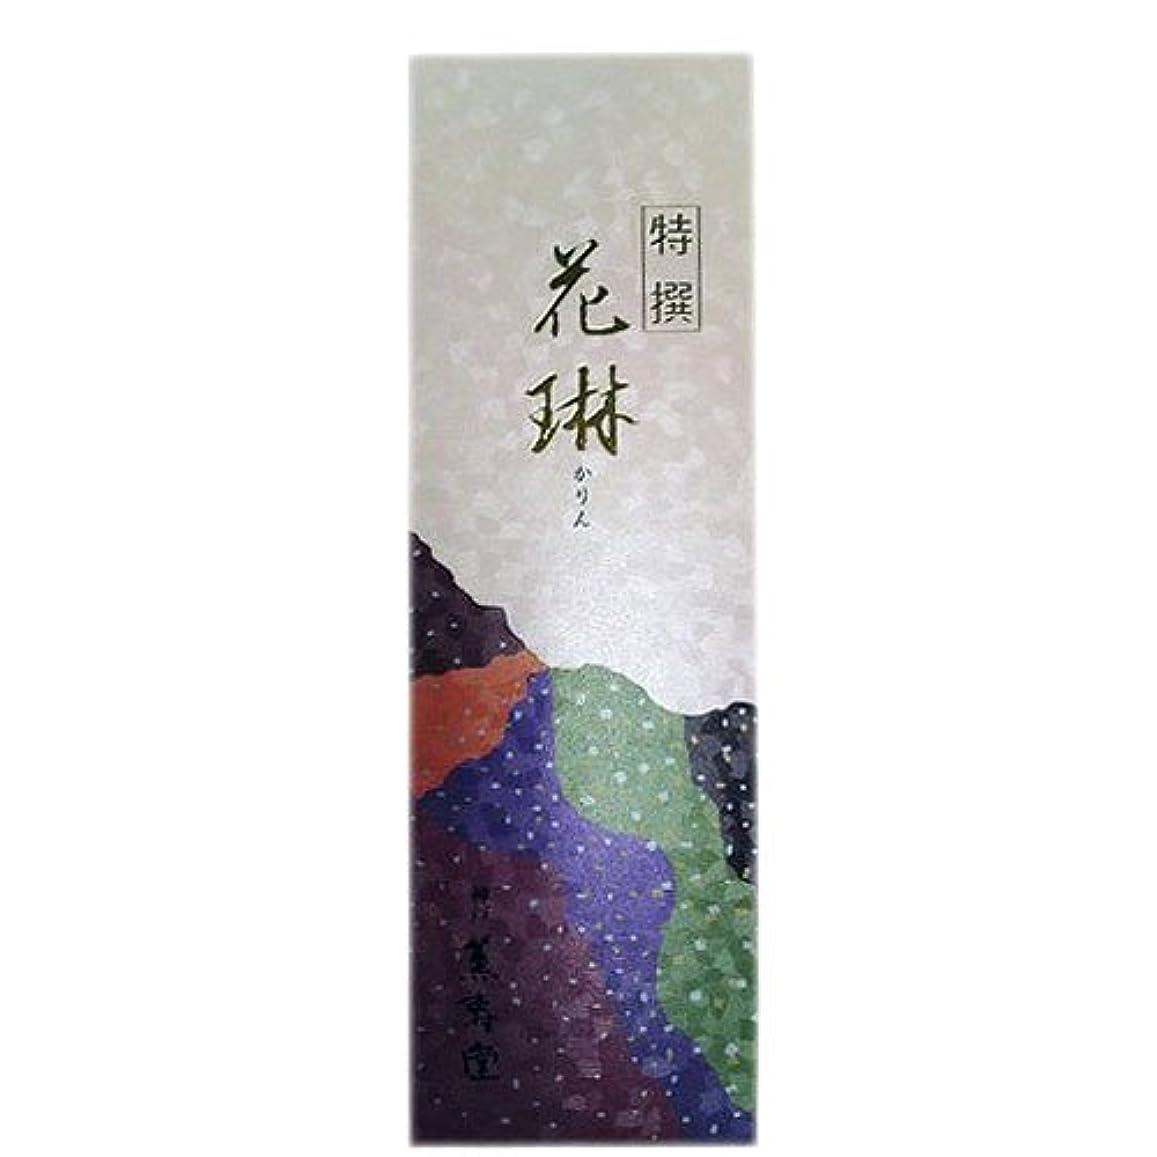 静かな生産的暴動薫寿堂 特撰花琳 スリム 018 30g